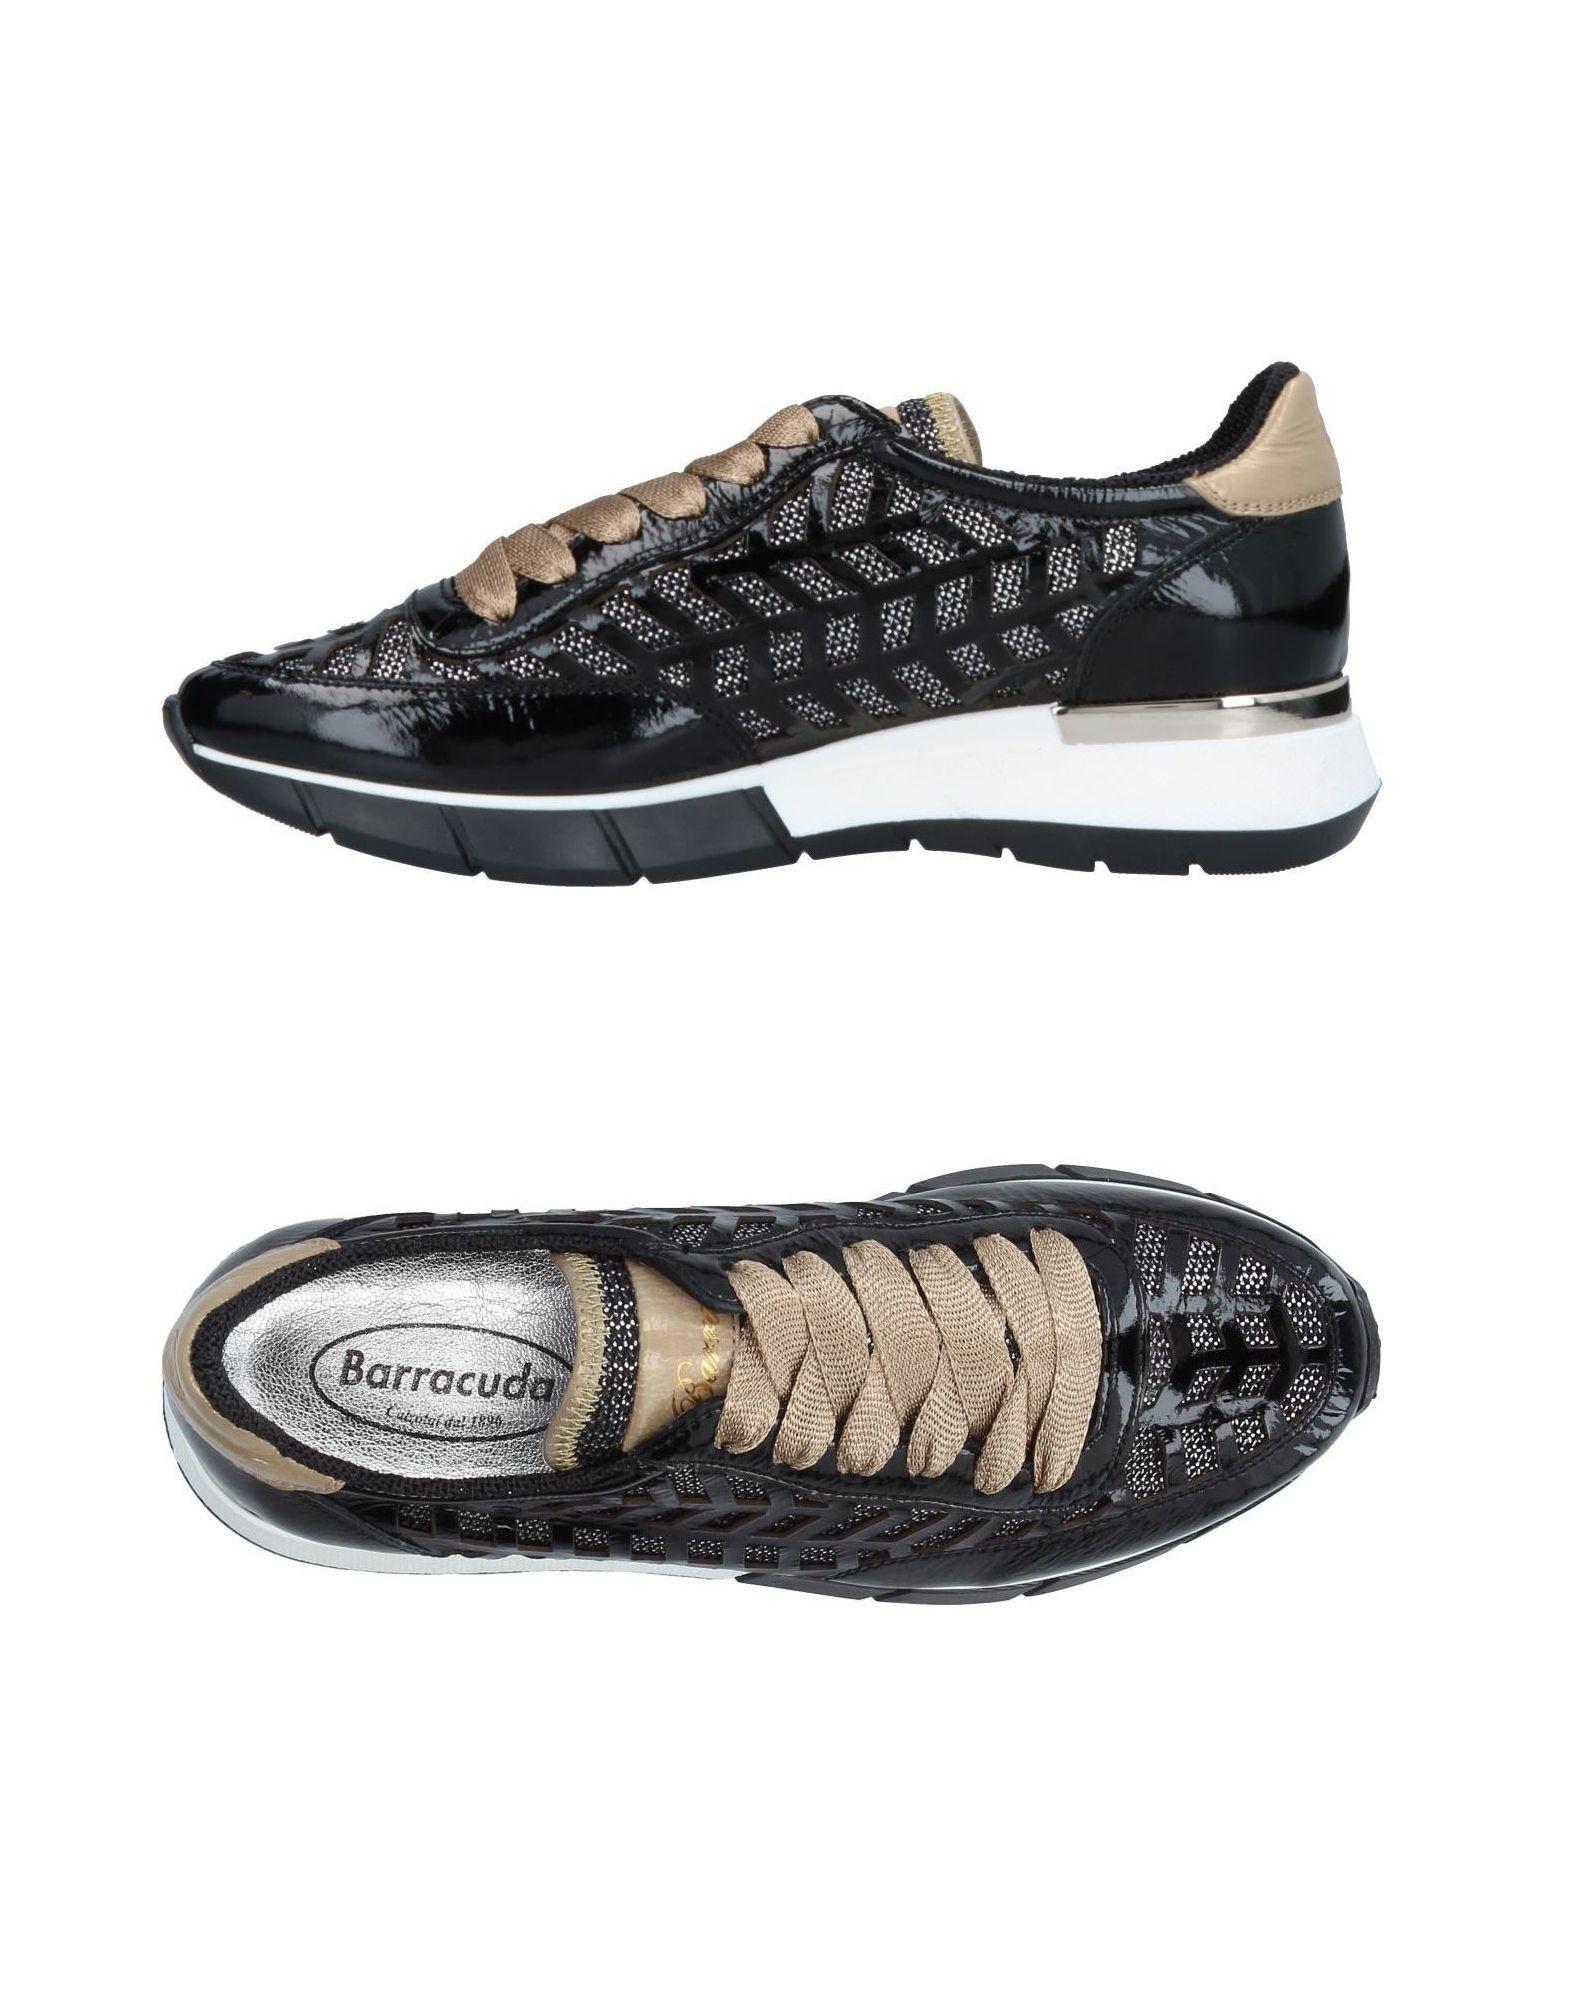 FOOTWEAR - Low-tops & sneakers Barracuda sTbbJabiN